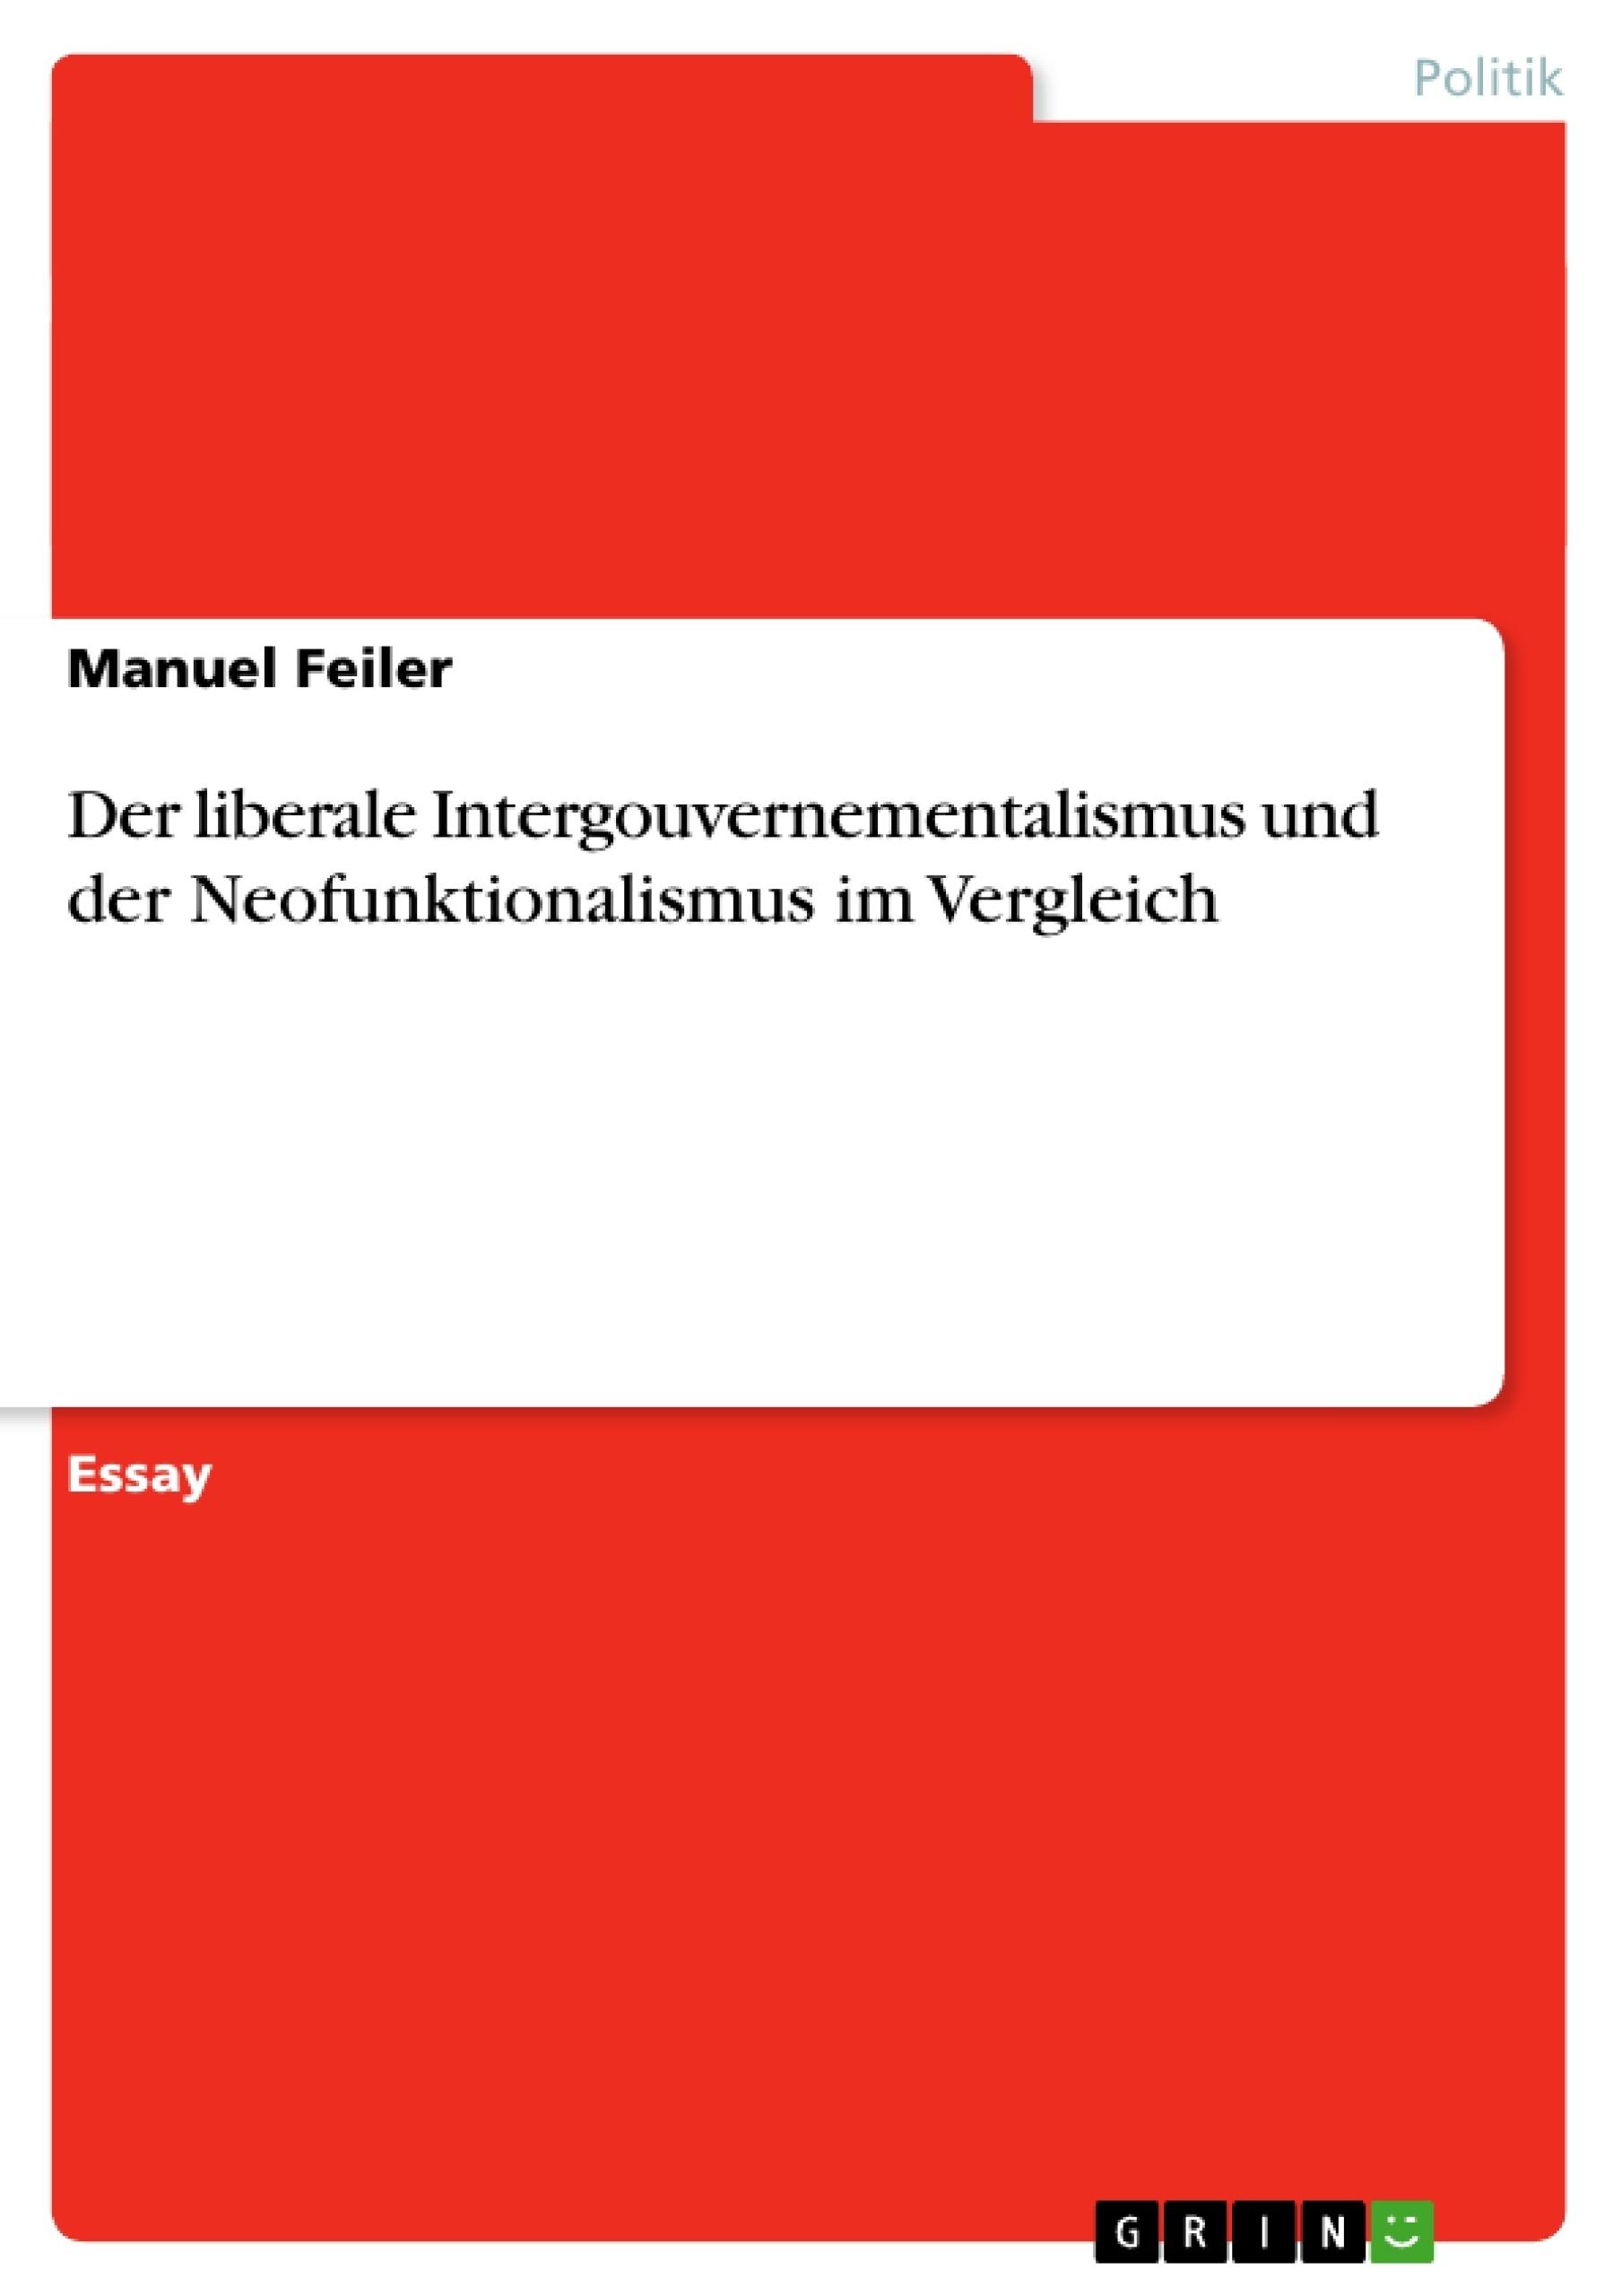 Titel: Der liberale Intergouvernementalismus und der Neofunktionalismus im Vergleich